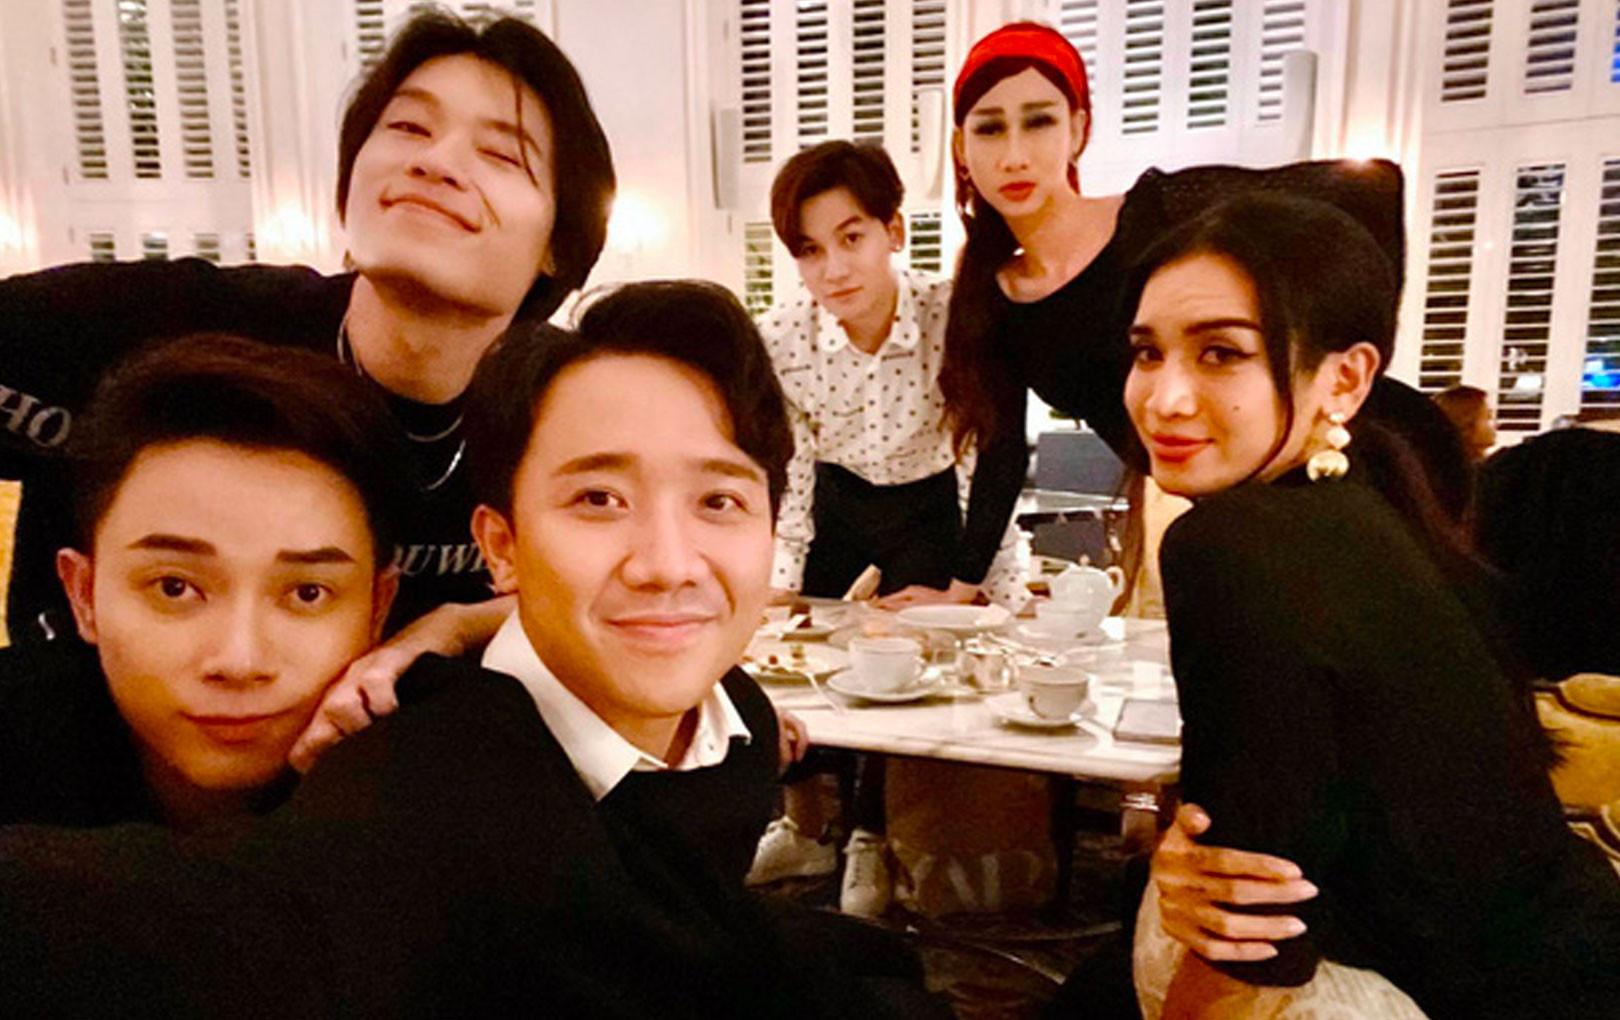 Trúc Nhân được Trấn Thành, BB Trần và hội bạn thân nổi tiếng của Vbiz tề tựu chúc mừng sinh nhật